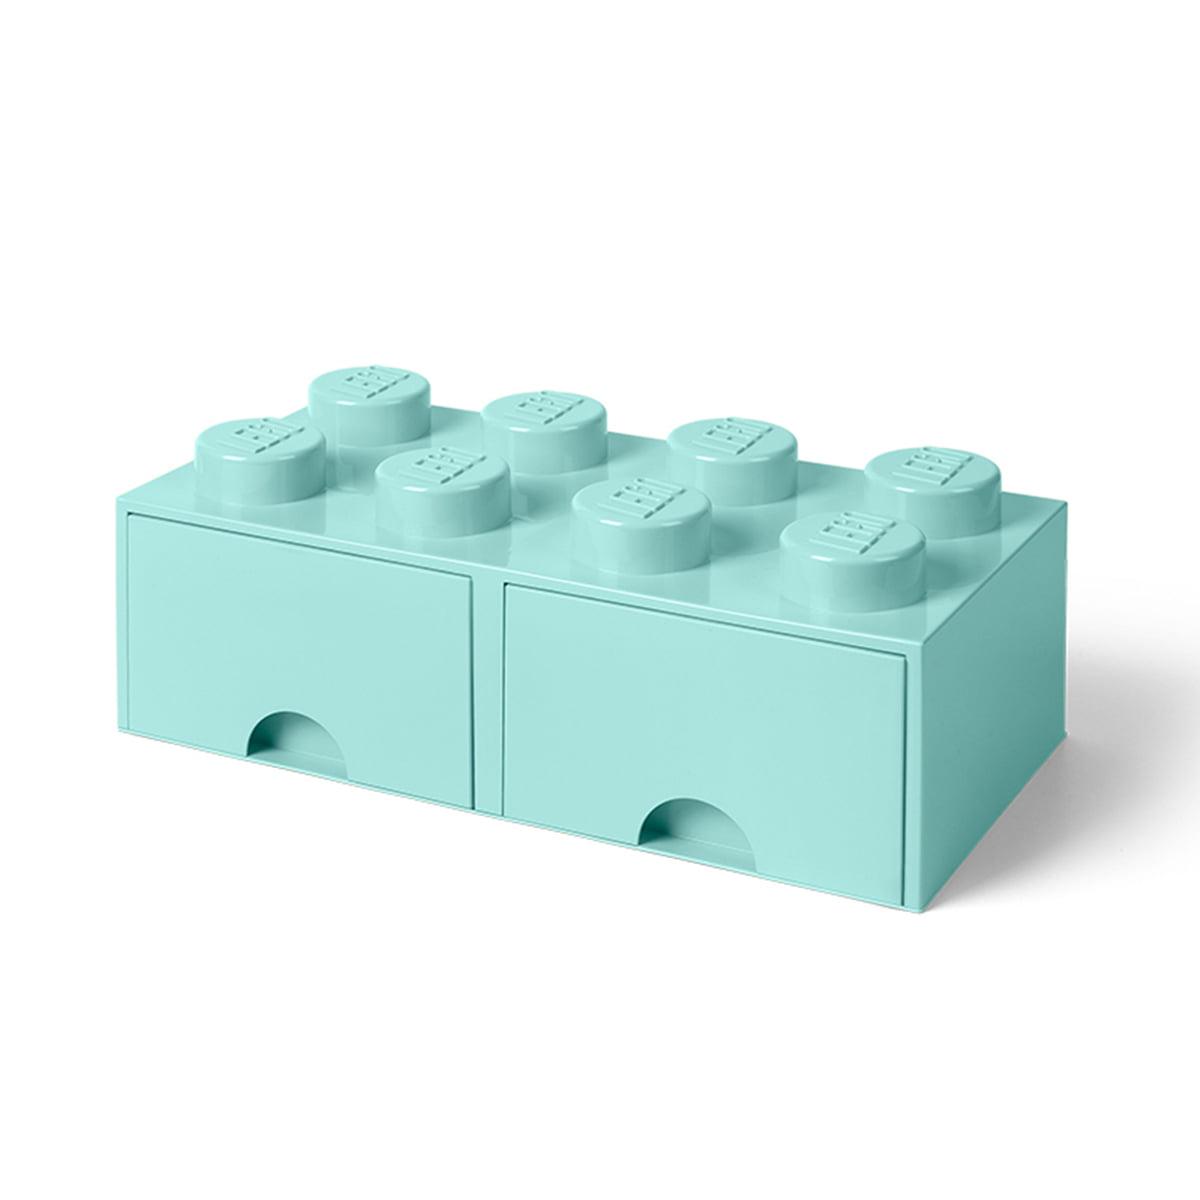 Lego - Brick Drawer 8 Aufbewahrungsbox, aqua   Kinderzimmer > Spielzeuge > Sonstige Spielzeuge   Aquamarin   Lego